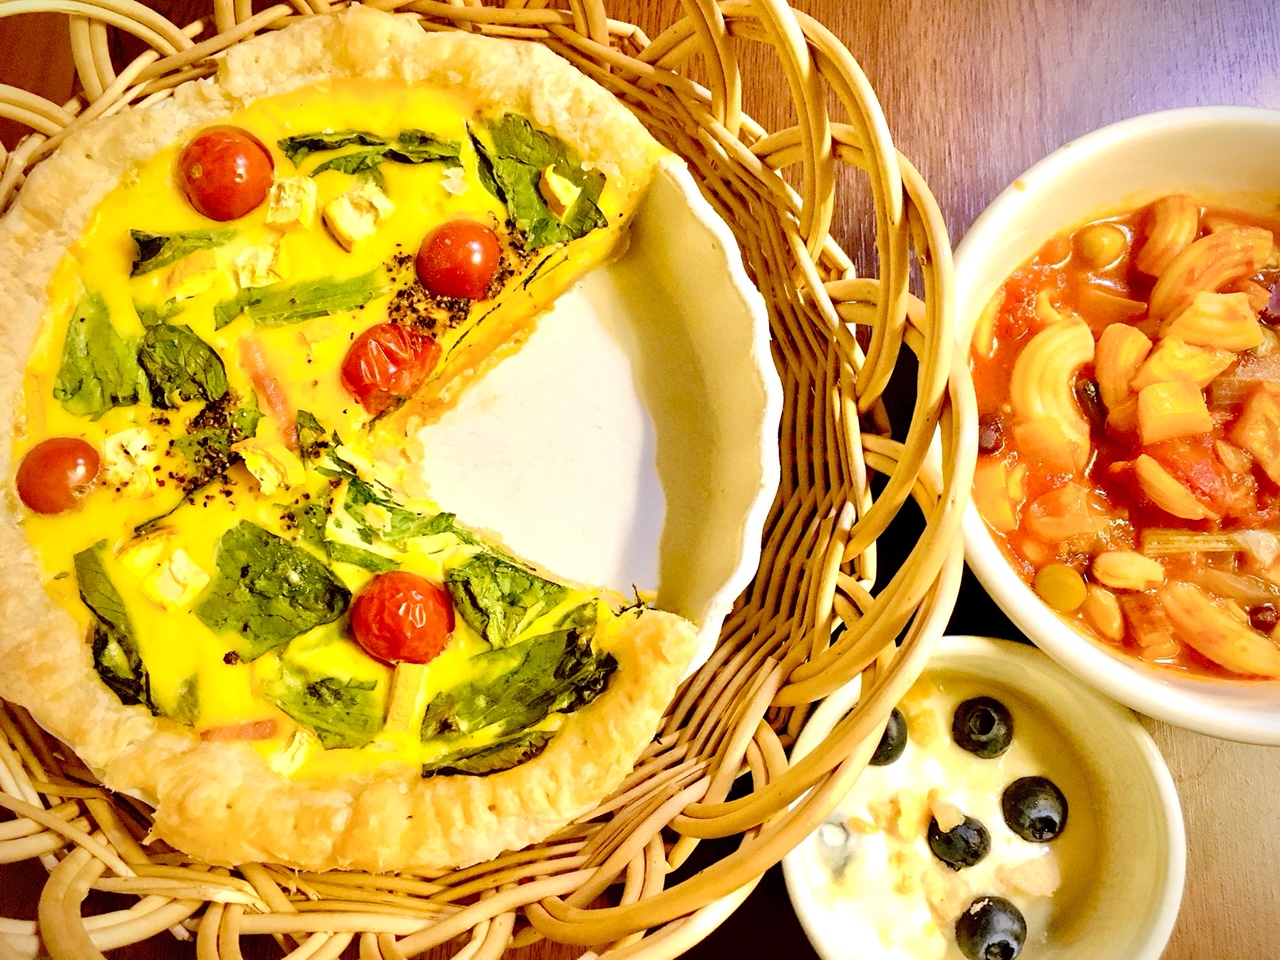 【木曜日昼枠のお店紹介】おひさまランチ-旬の野菜スープとキッシュ、パンときどきごはん-